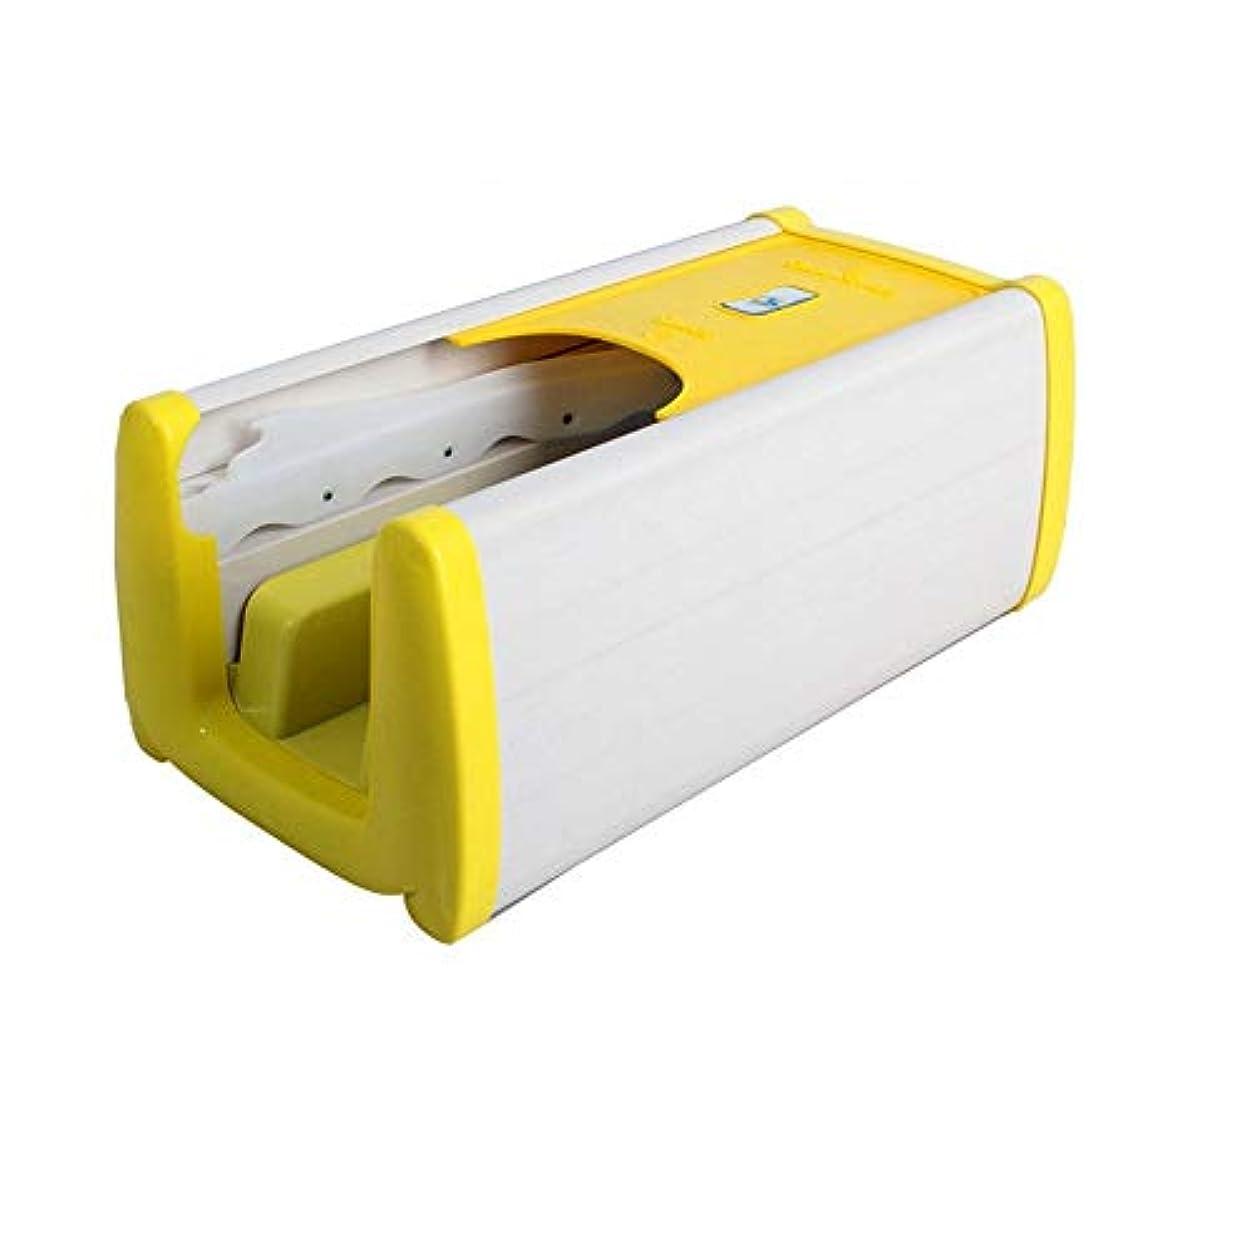 酔う氷カウント家庭用靴カバーマシン連続自動靴カバーマシンドラッグ型オーバーシューズマシンホームオフィス自己使用の小さな環境保護 (Color : Yellow)